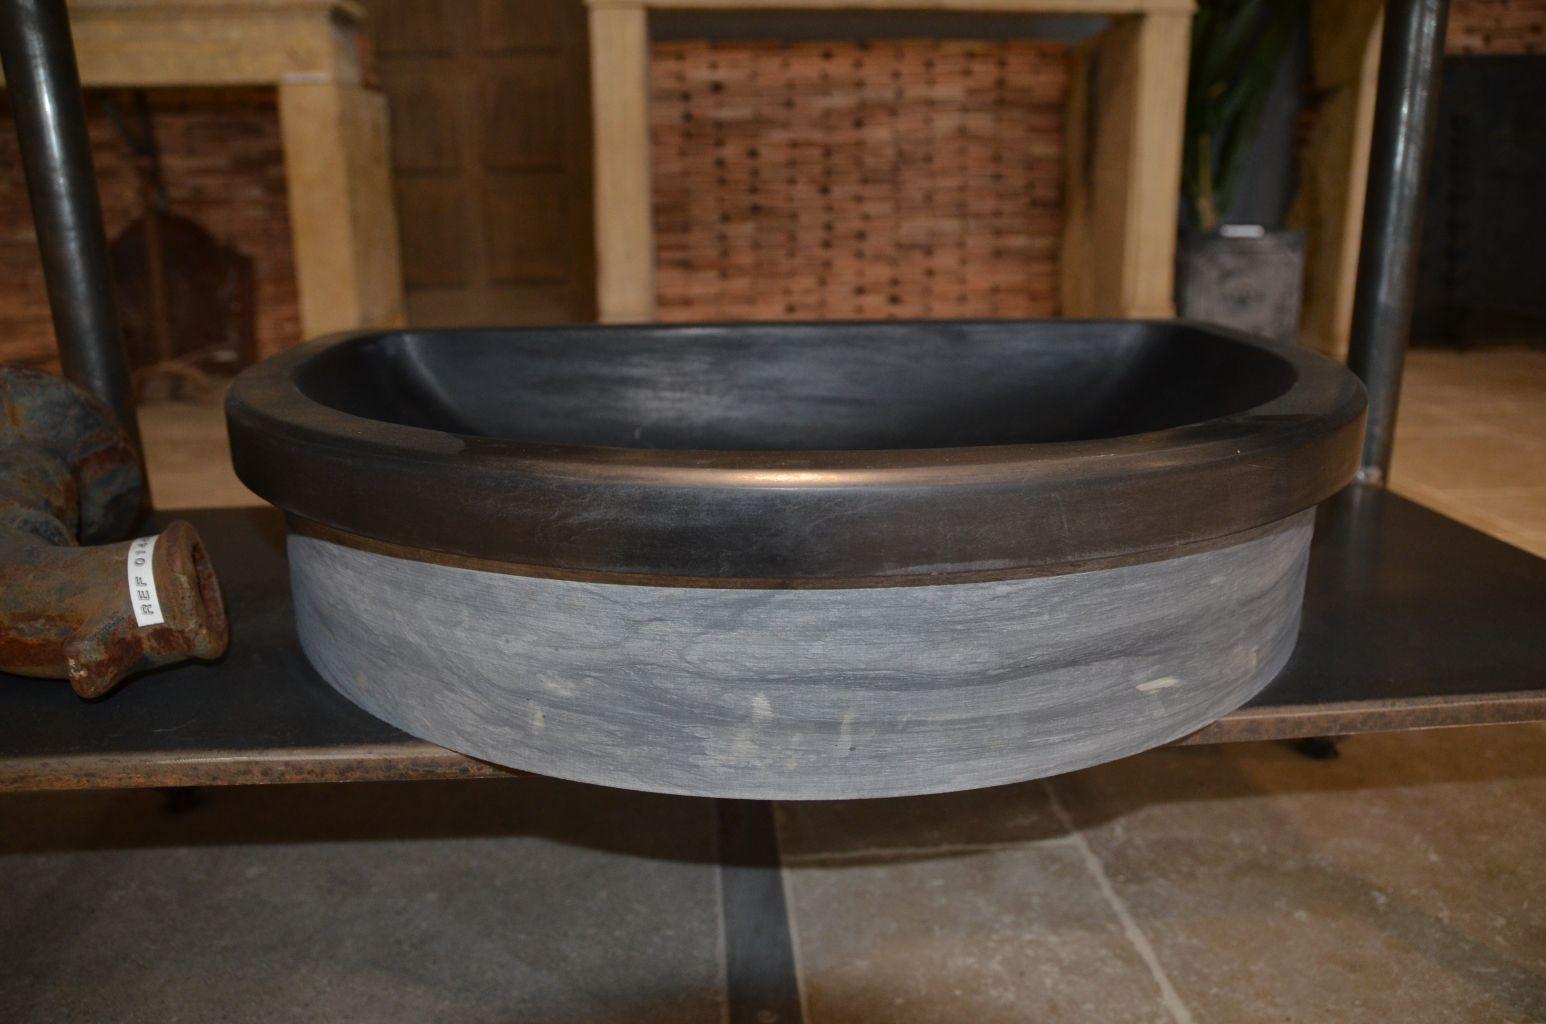 vasque en ardoise pierre naturelle bca mat233riaux anciens